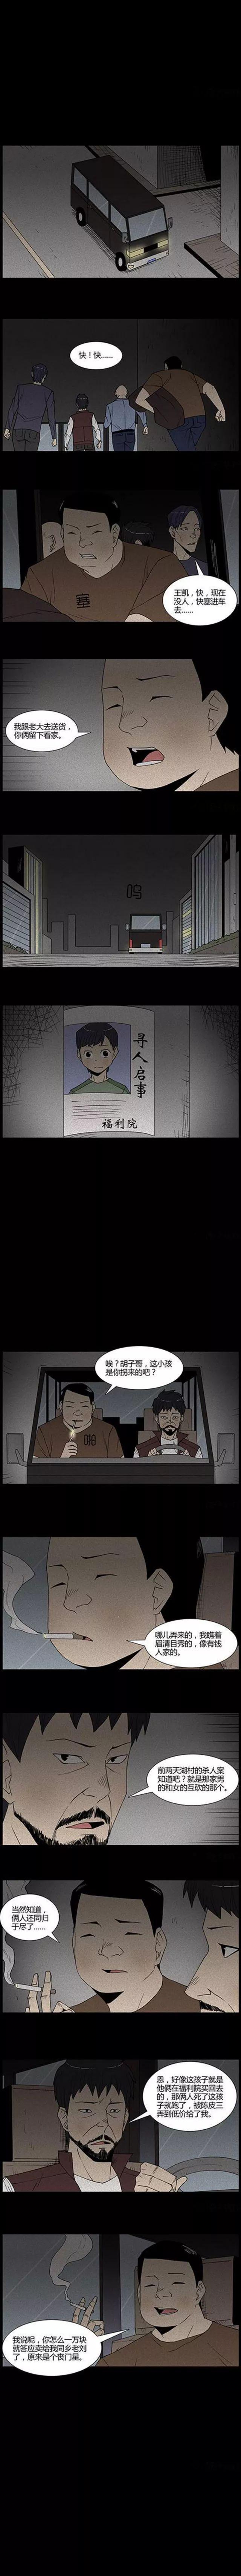 缅怀革命先烈 共筑远大理想——阳城镇中心小学清明扫墓活动简讯